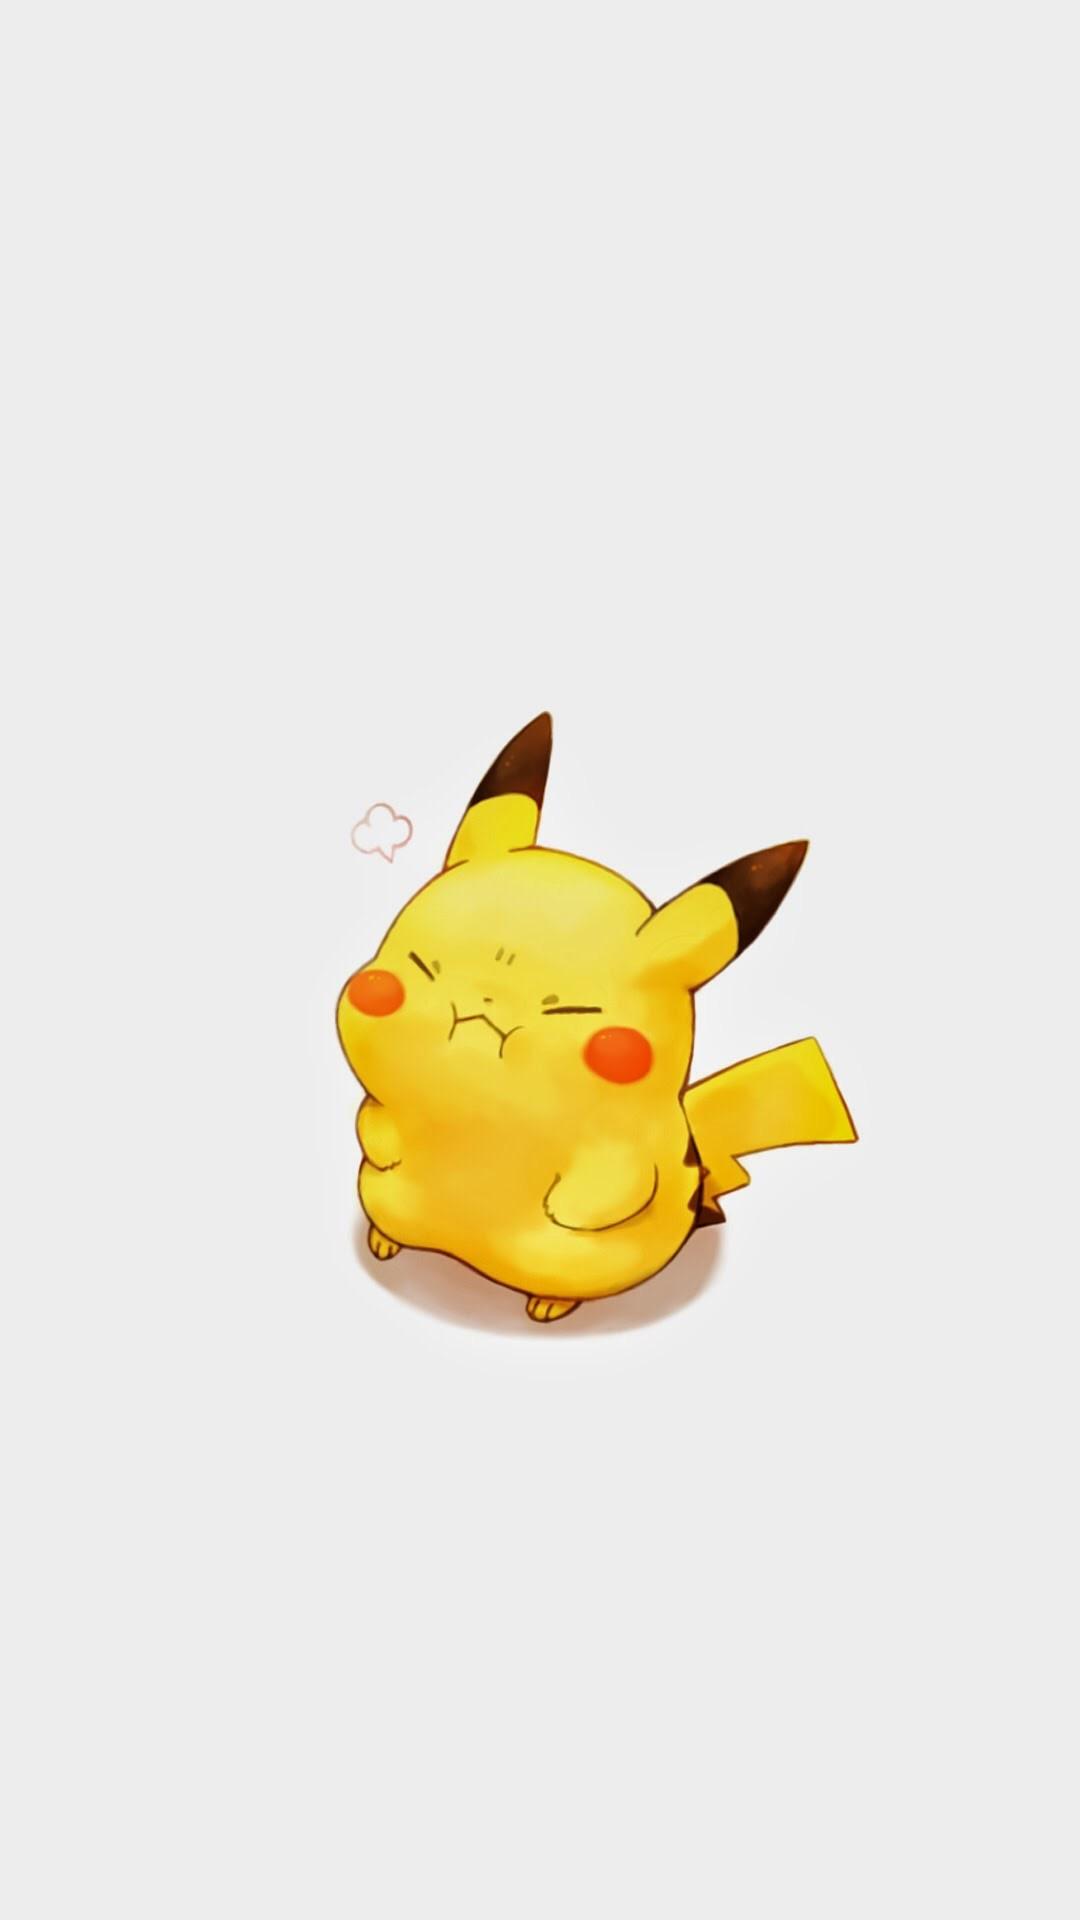 Chibi Pokemon Wallpaper (57+ images)